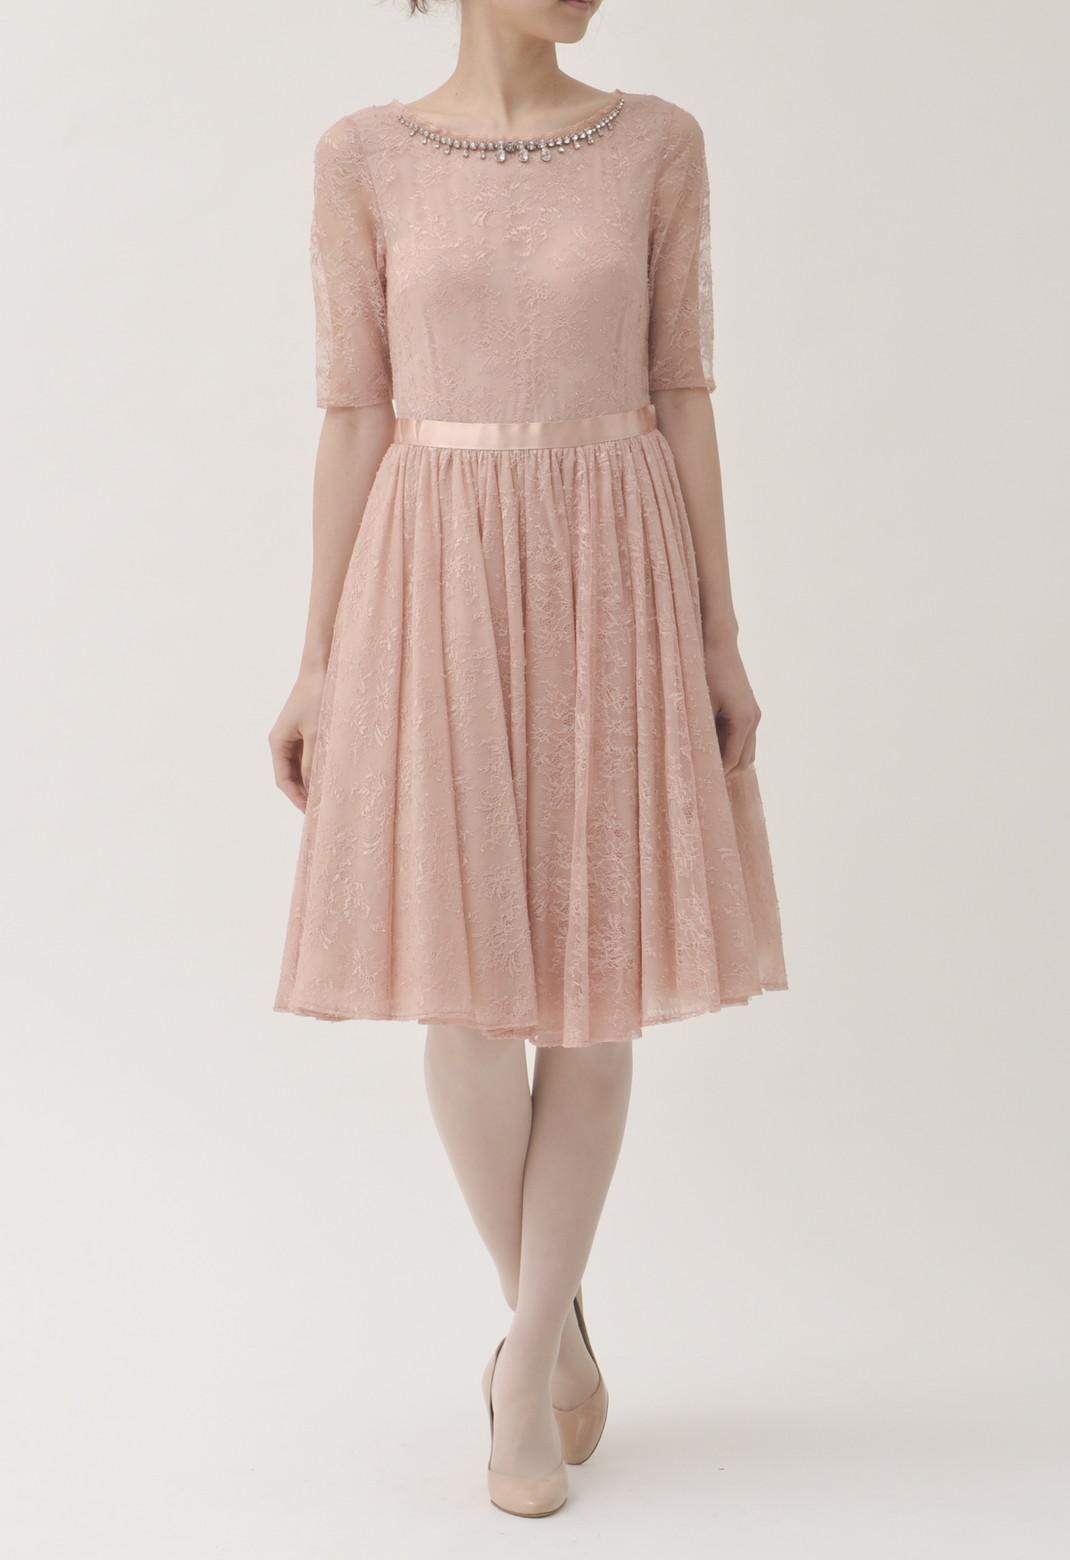 ジルスチュアート ラウンドネック パールビジュー飾り チュチュ付き 五分袖ドレス